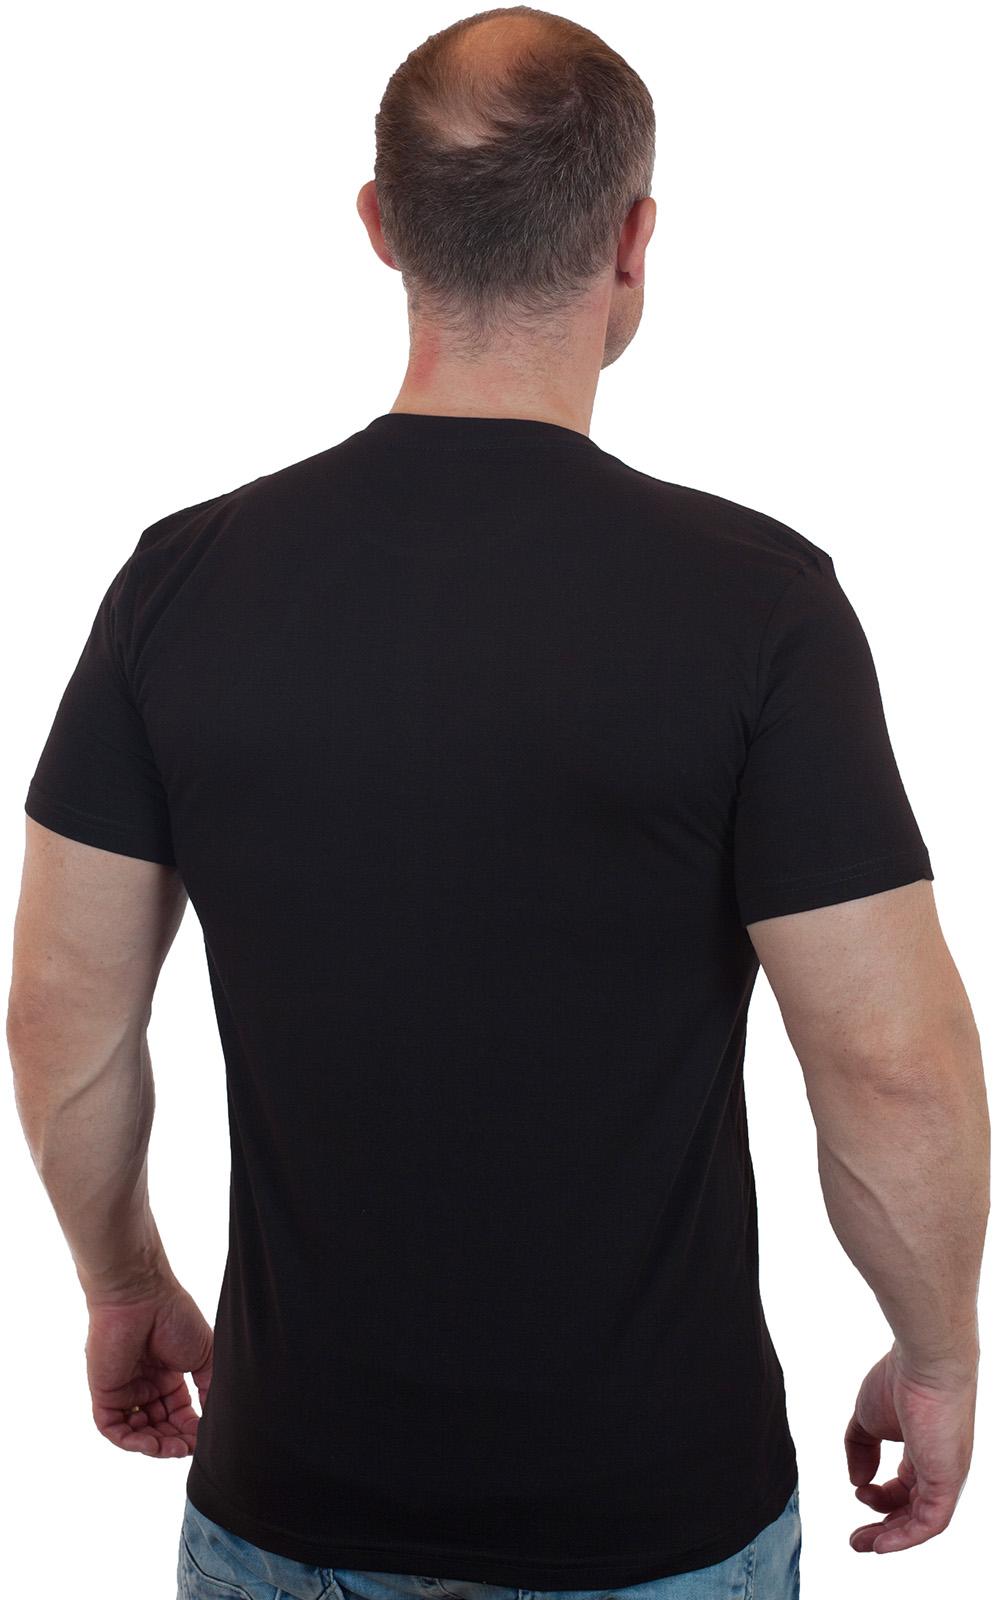 Футболка черная с вышивкой Калевальский ПО КС ЗПО - заказать в розницу